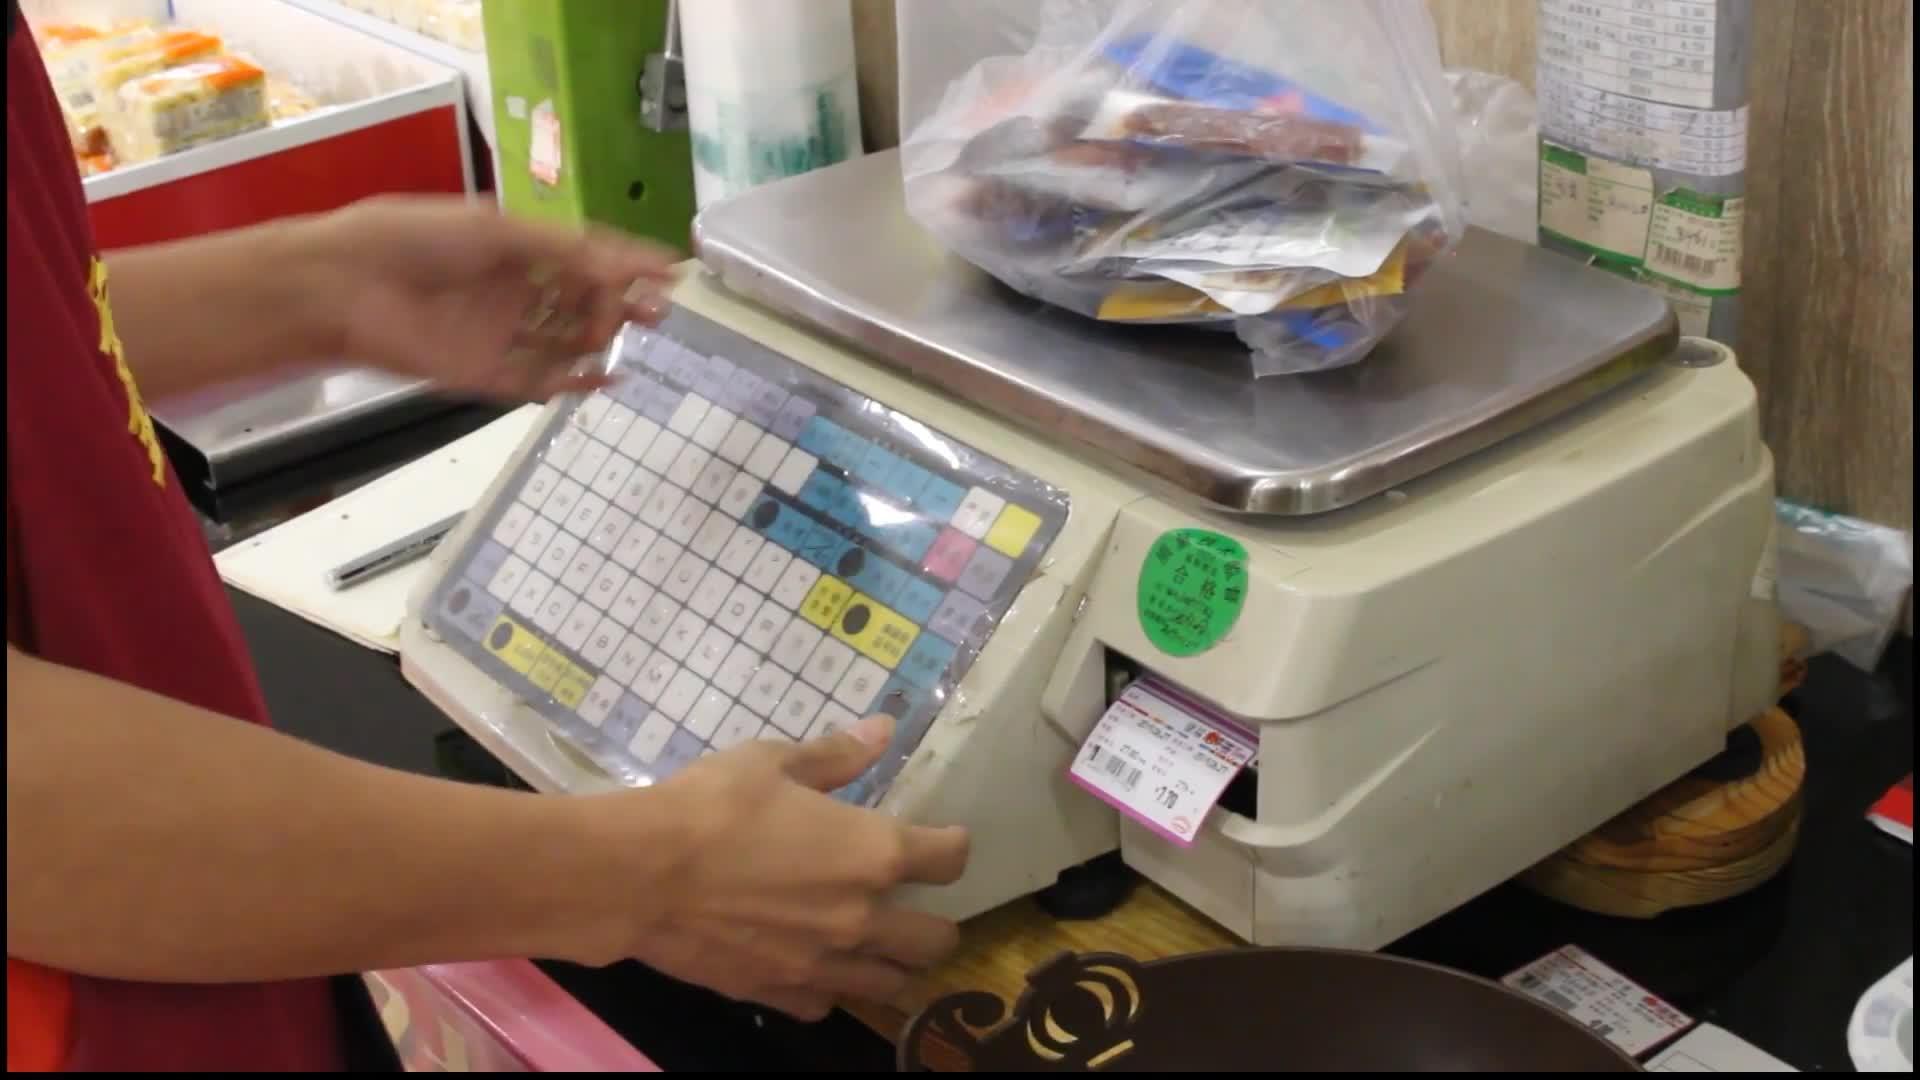 Süpermarket Su Geçirmez Etiket etiket rulosu Zebra/UPC/CAS Ölçekli Yazıcı Uyumlu Delikli Kağıt Barkod Etiket